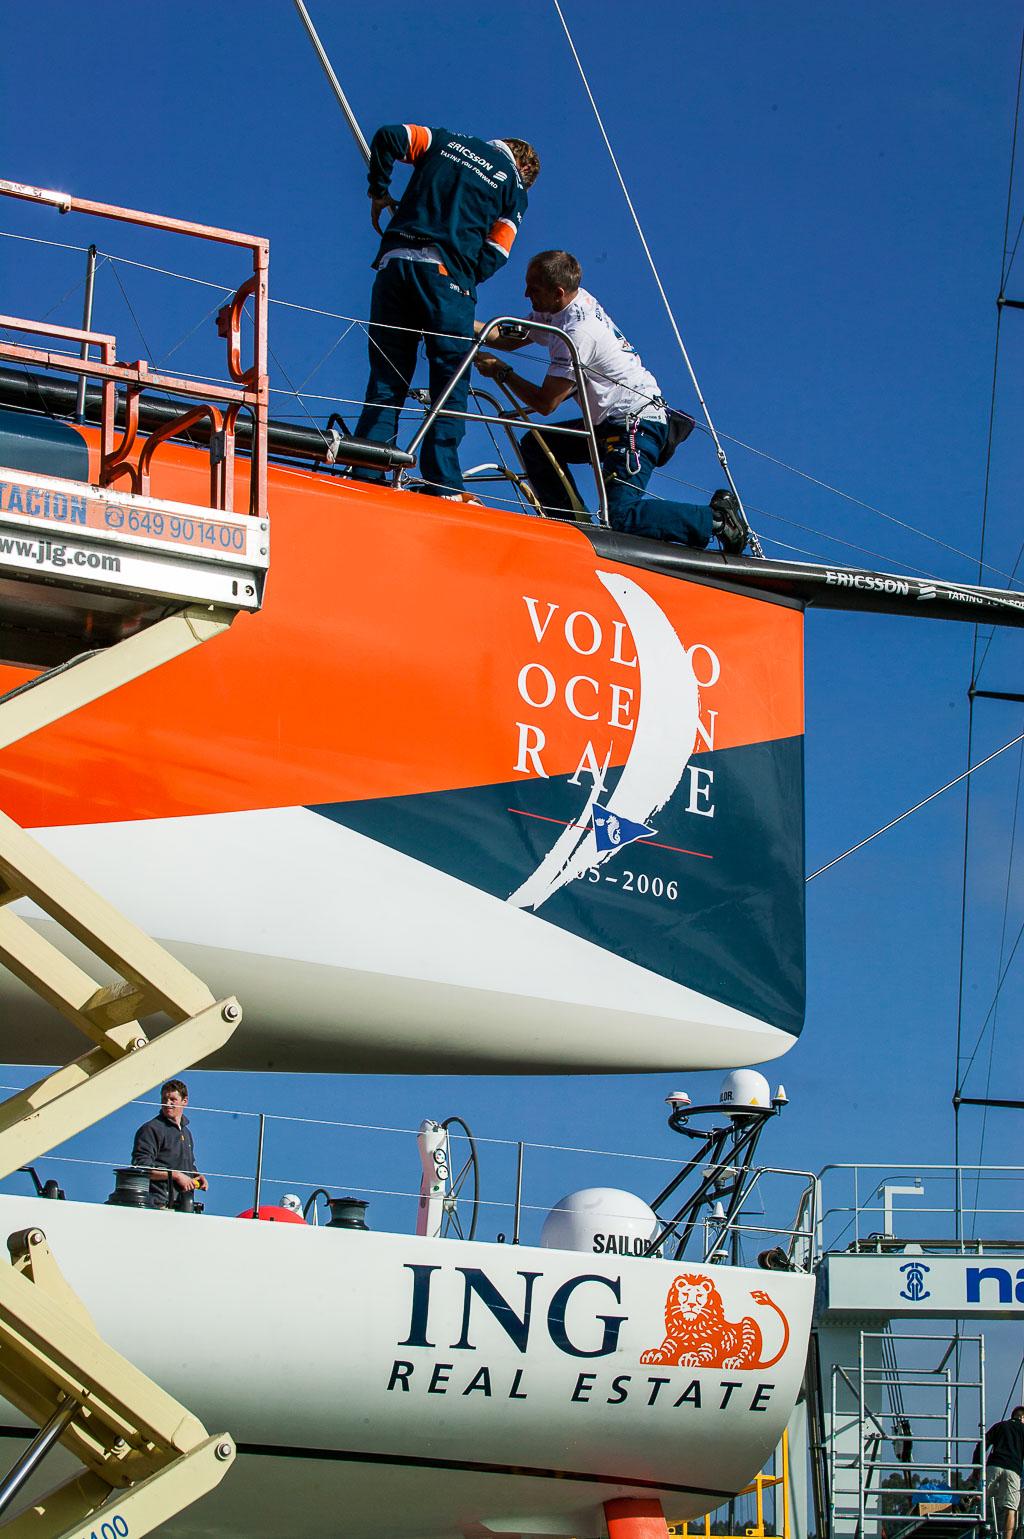 Volvo Ocean Race 2006